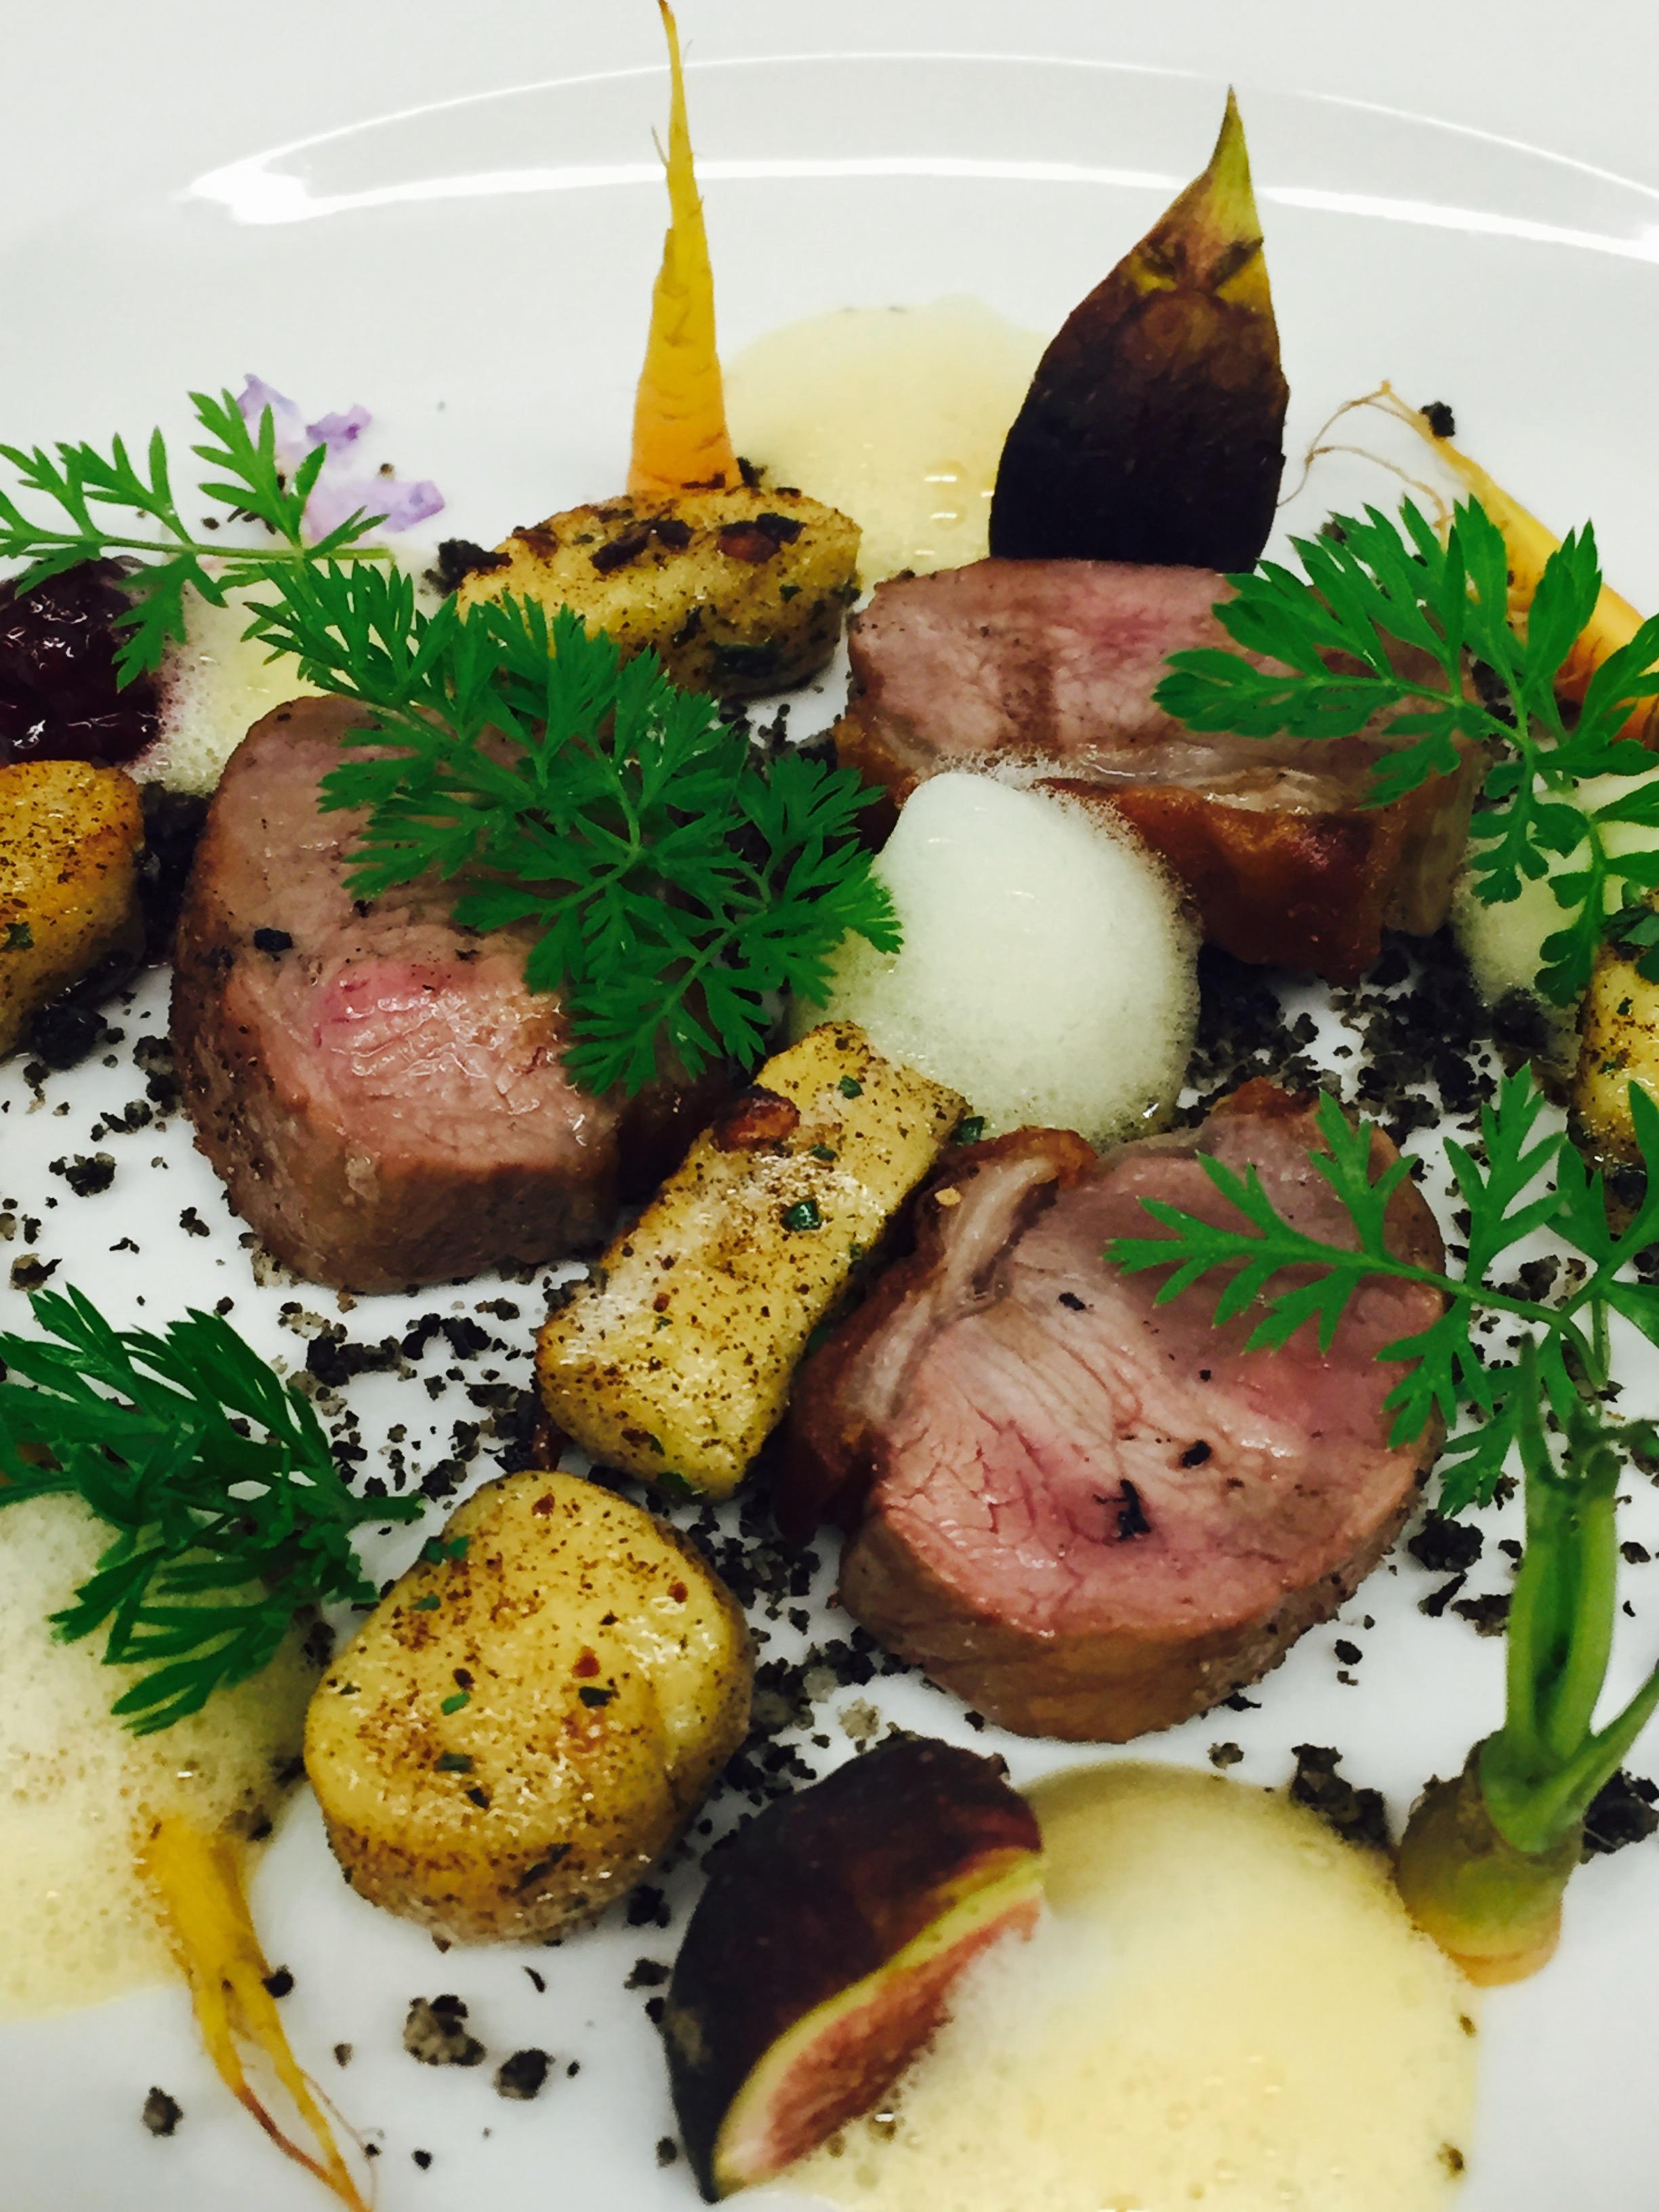 Edenton NC Restaurants - locally sourced ingredients.